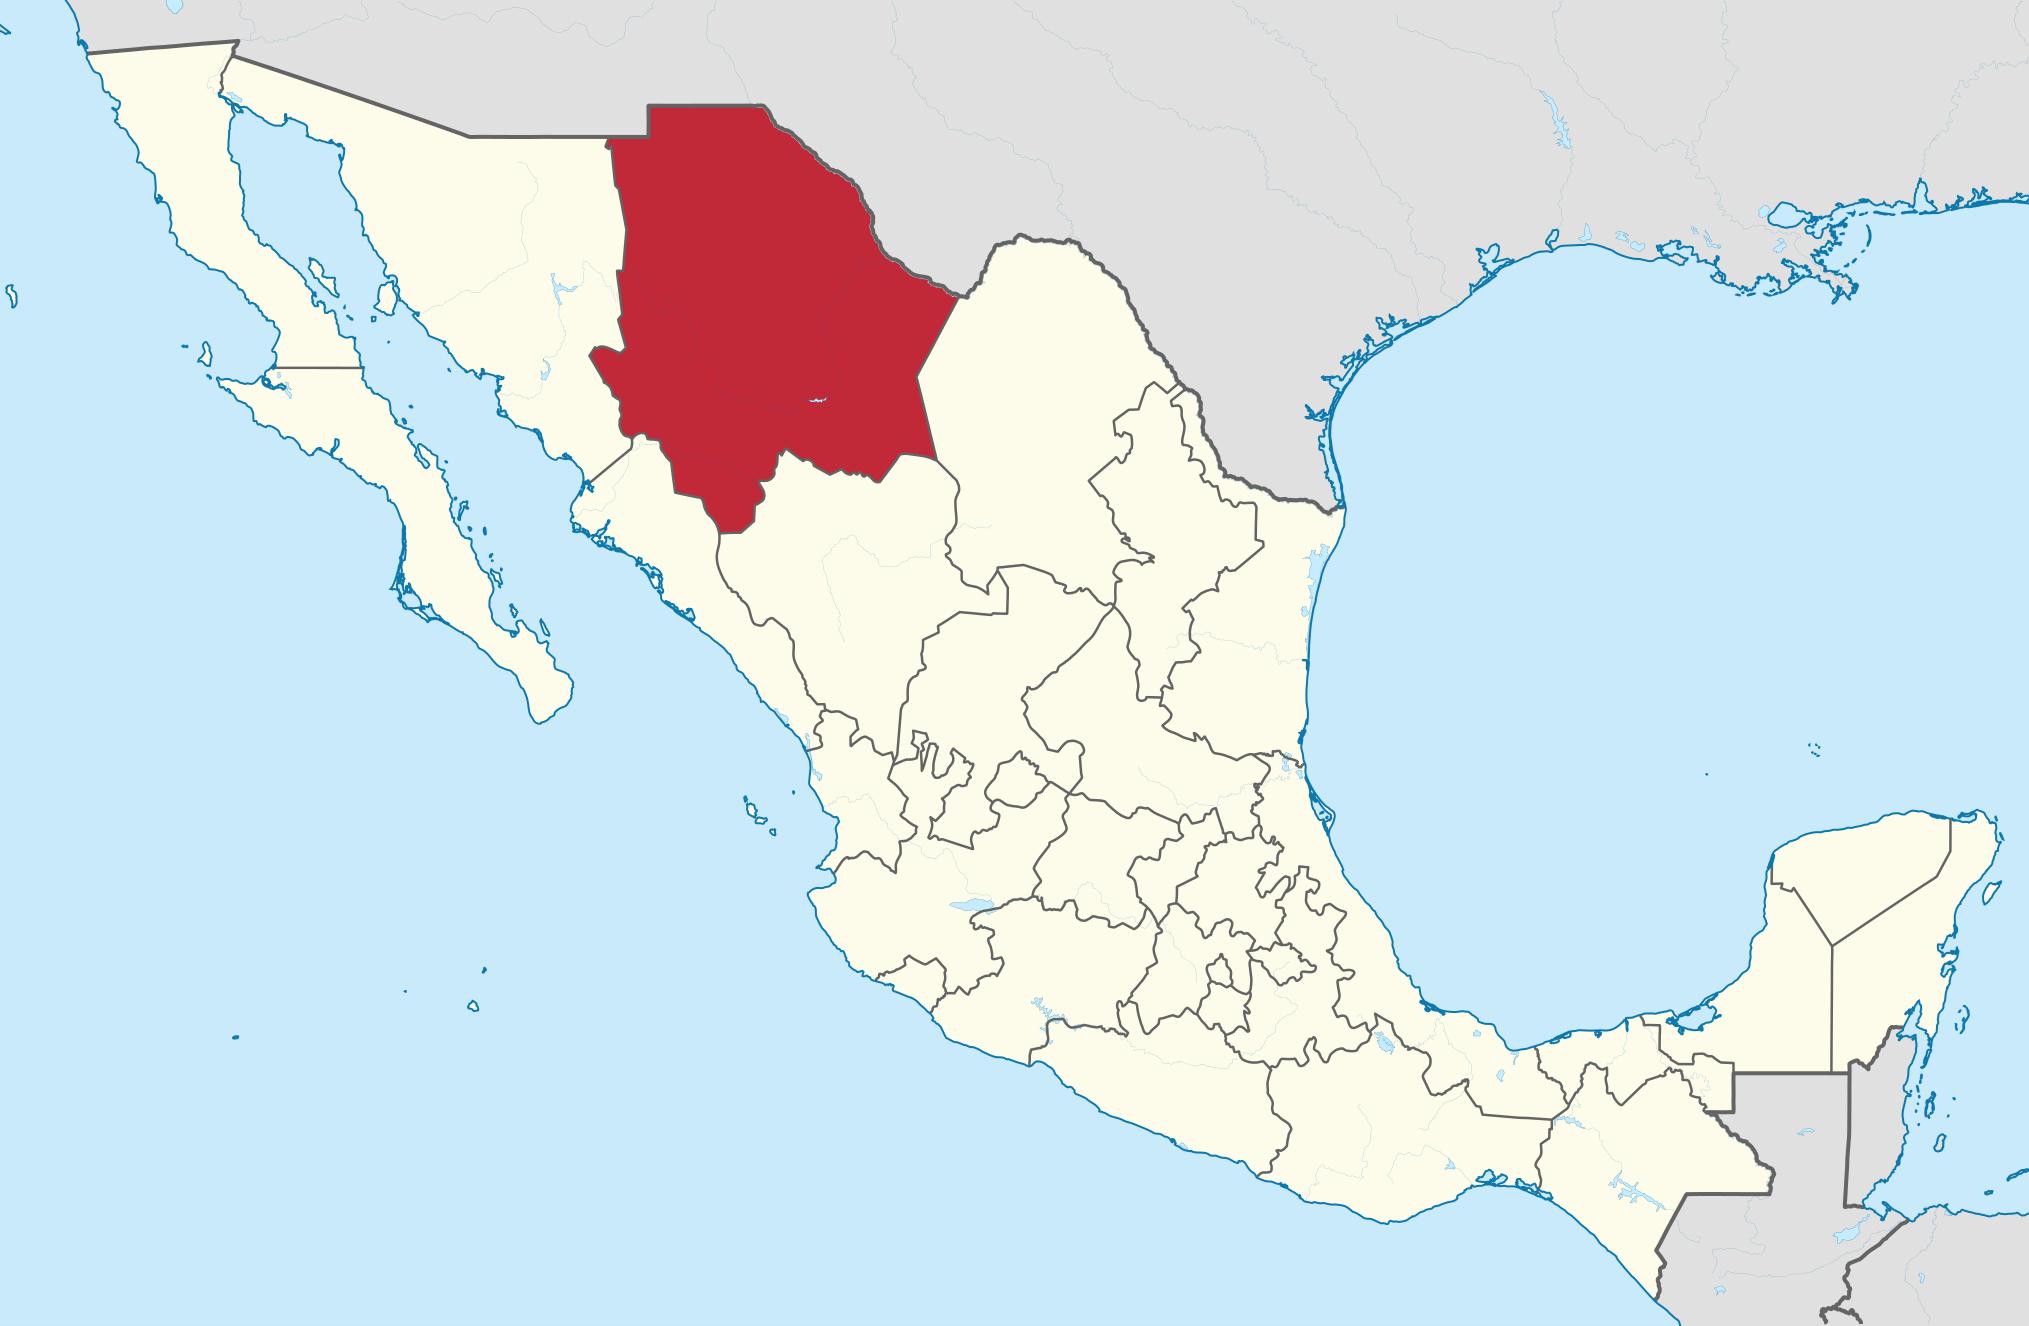 Chihuahua cuenta con 67 municipios  Mexicosus mapas y croquis